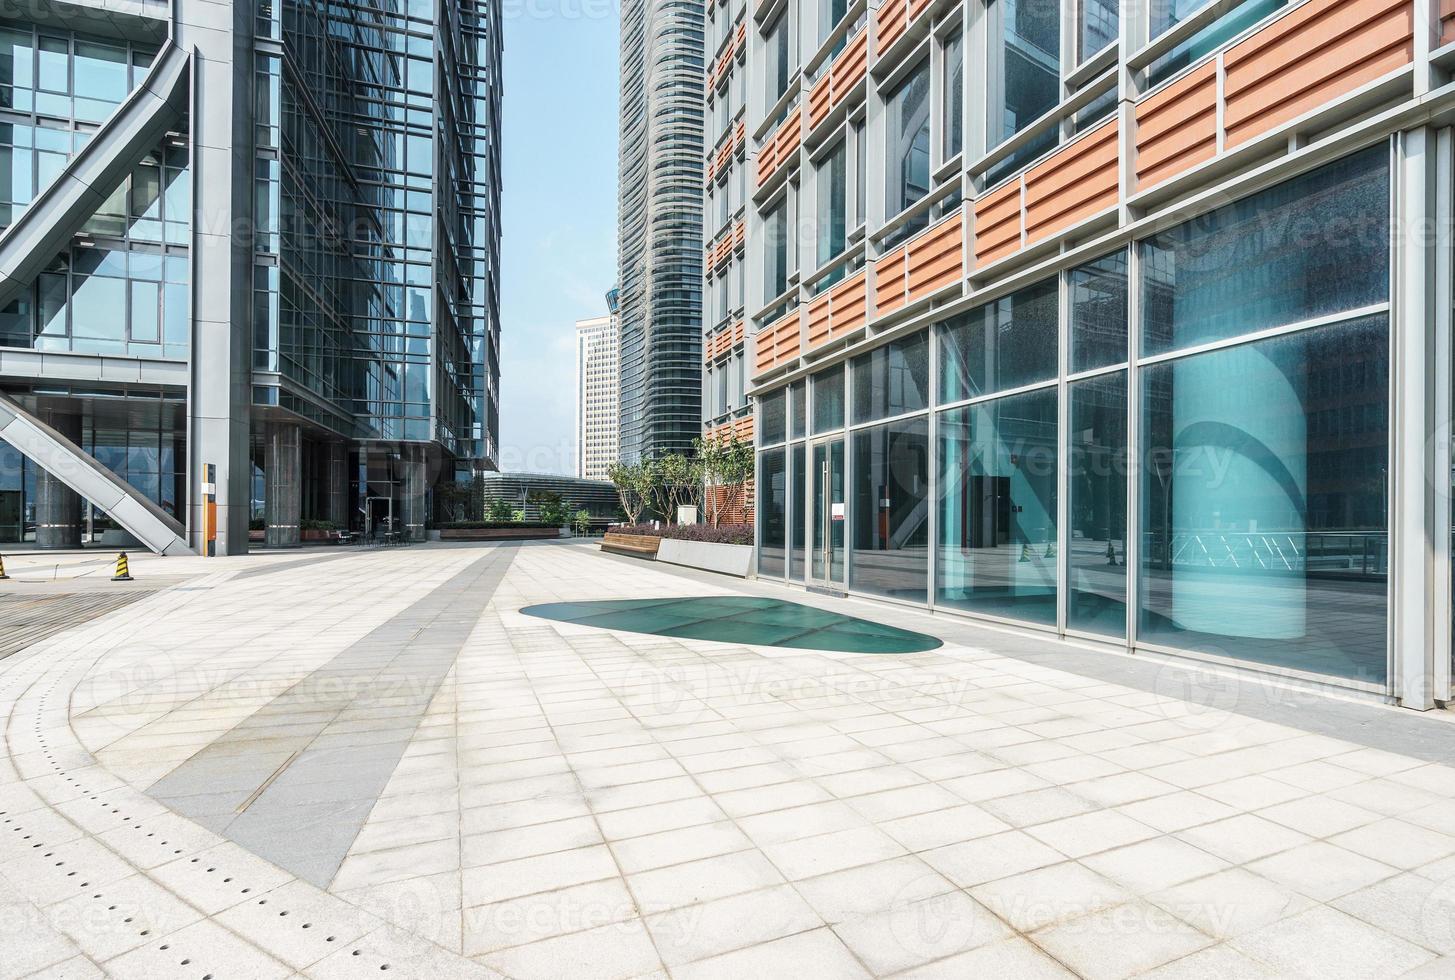 lege grond moderne gebouwen foto